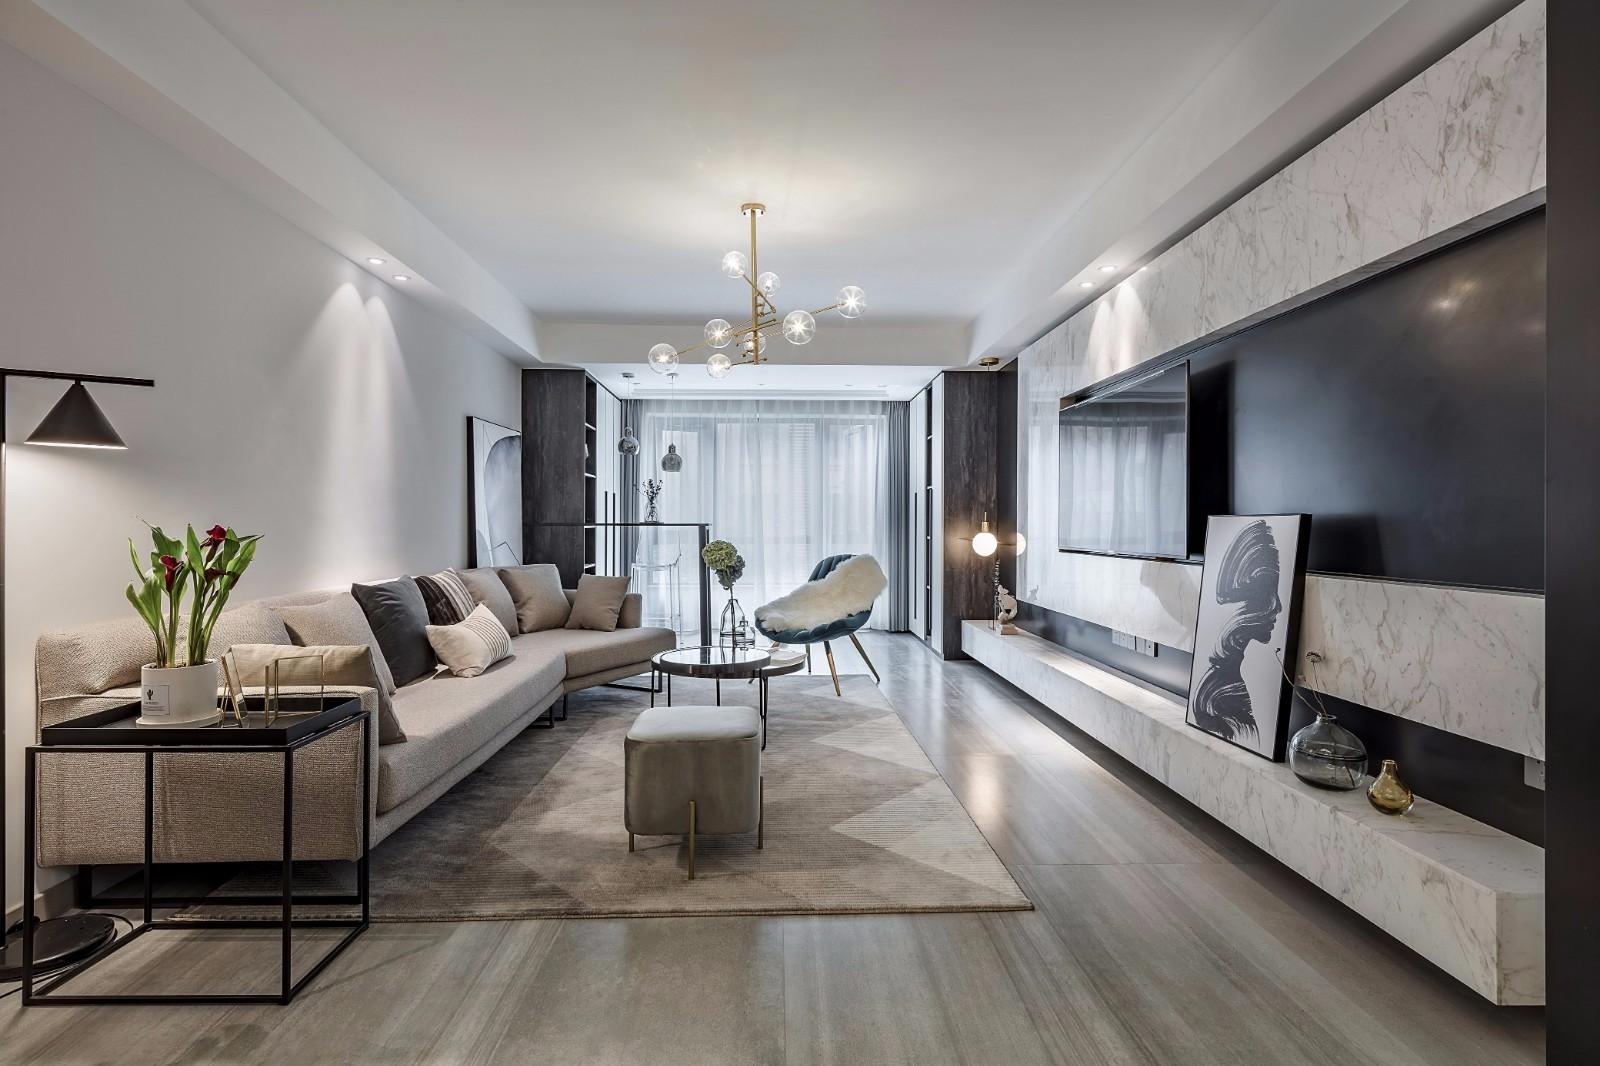 2021简约240平米装修图片 2021简约三居室装修设计图片